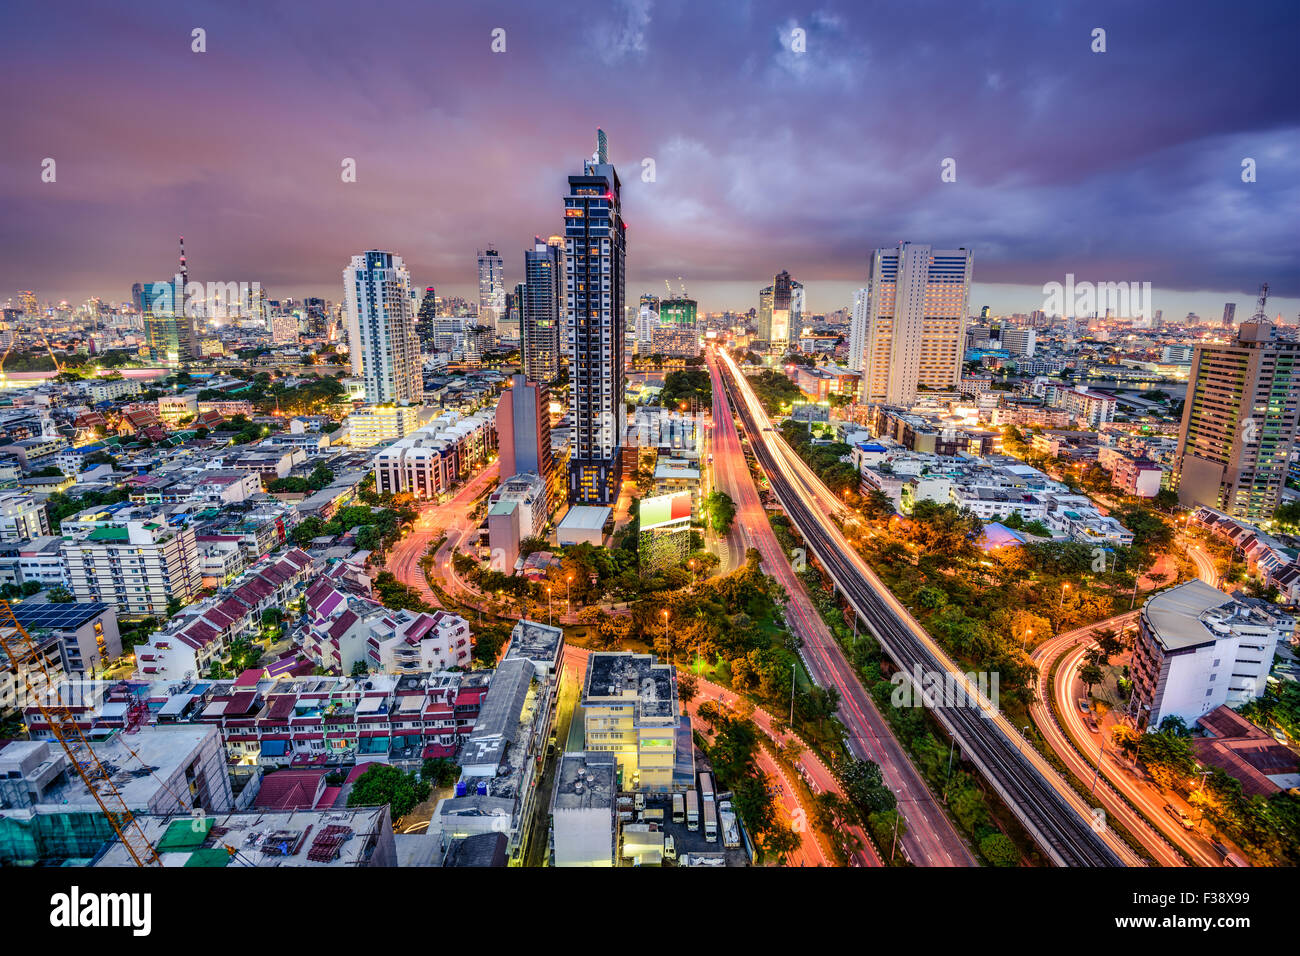 Bangkok, Thailand twilight cityscape. - Stock Image